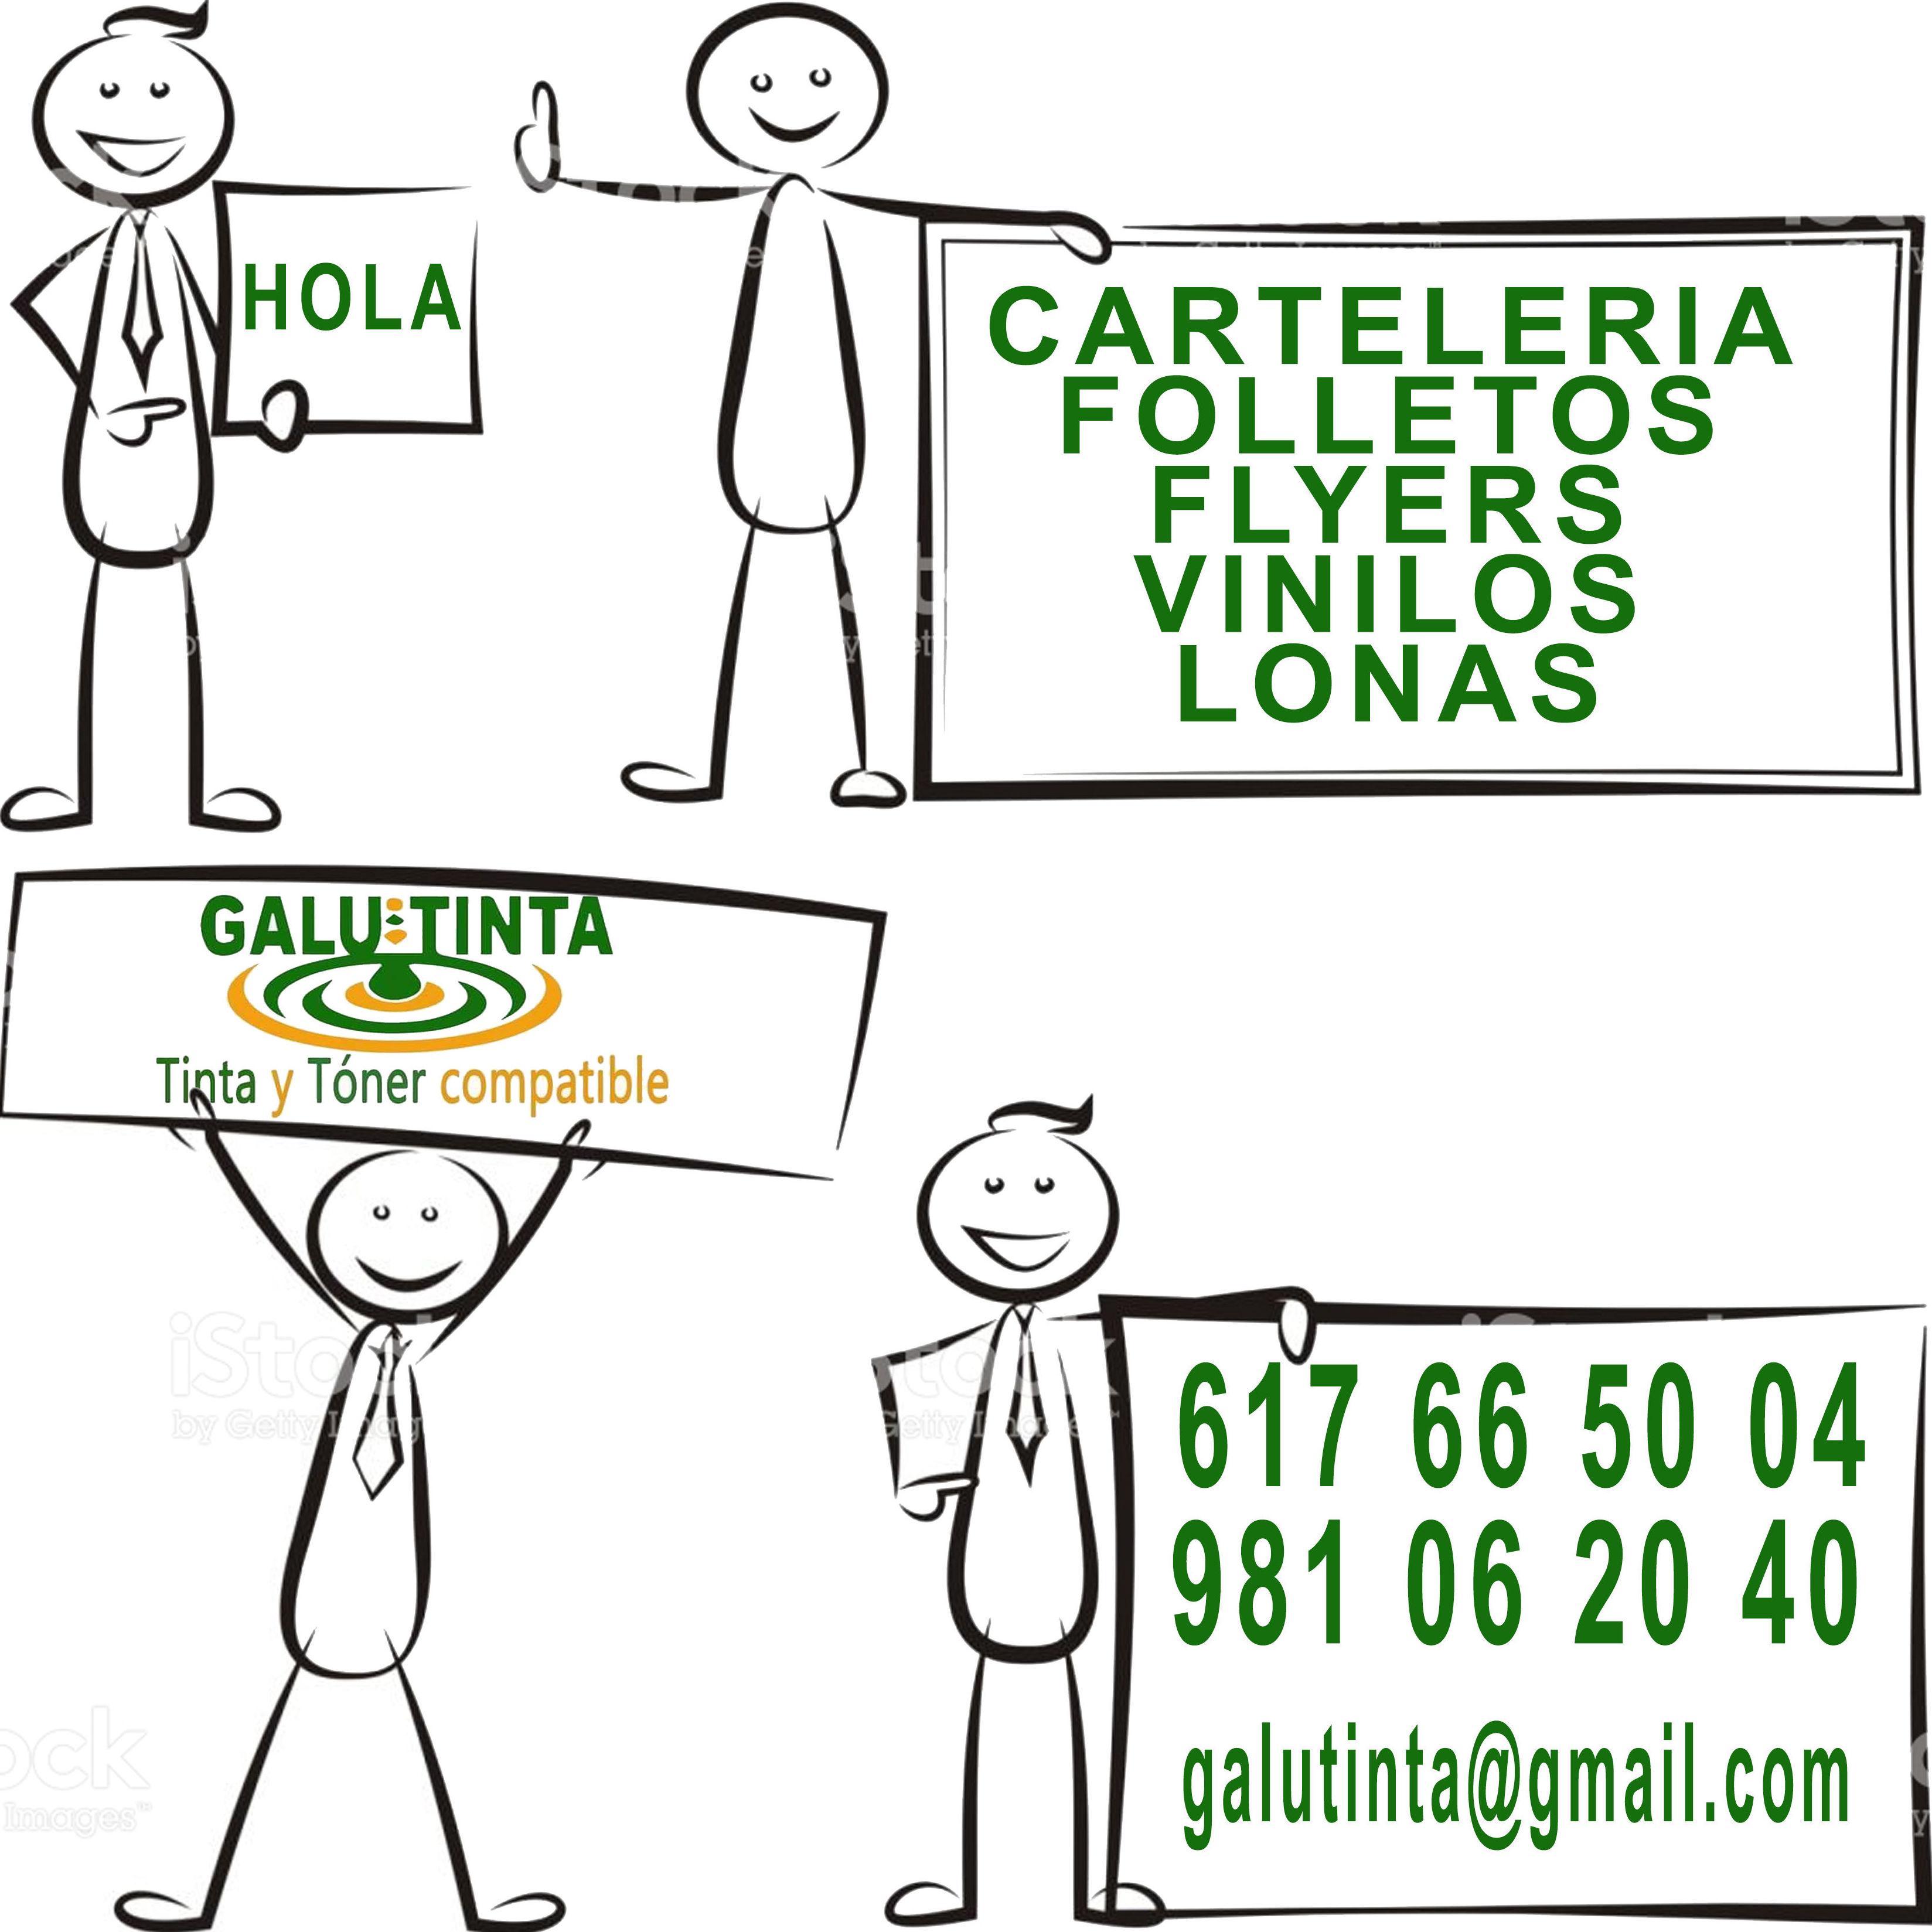 SOLUCIONES TINTA Y TONER